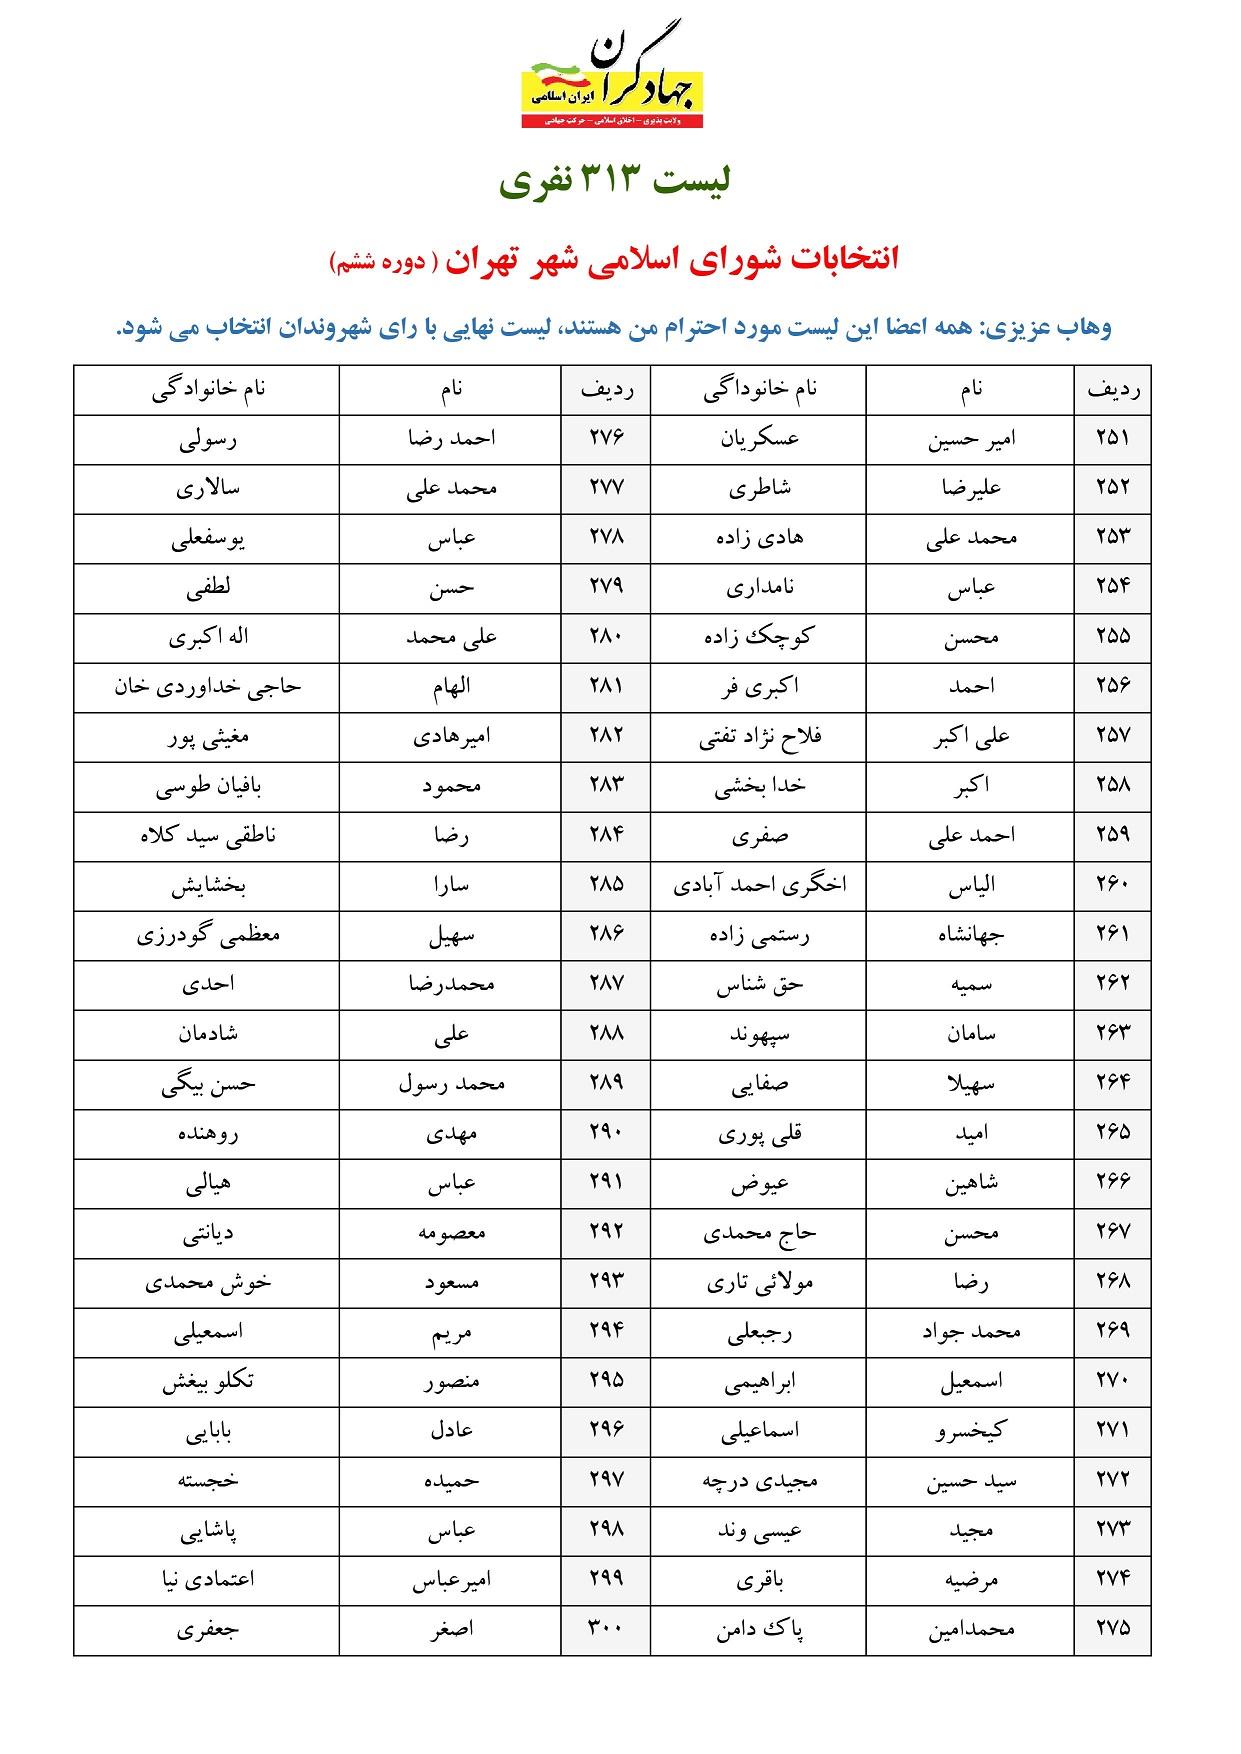 لیست اولیه شورای شهر تهران